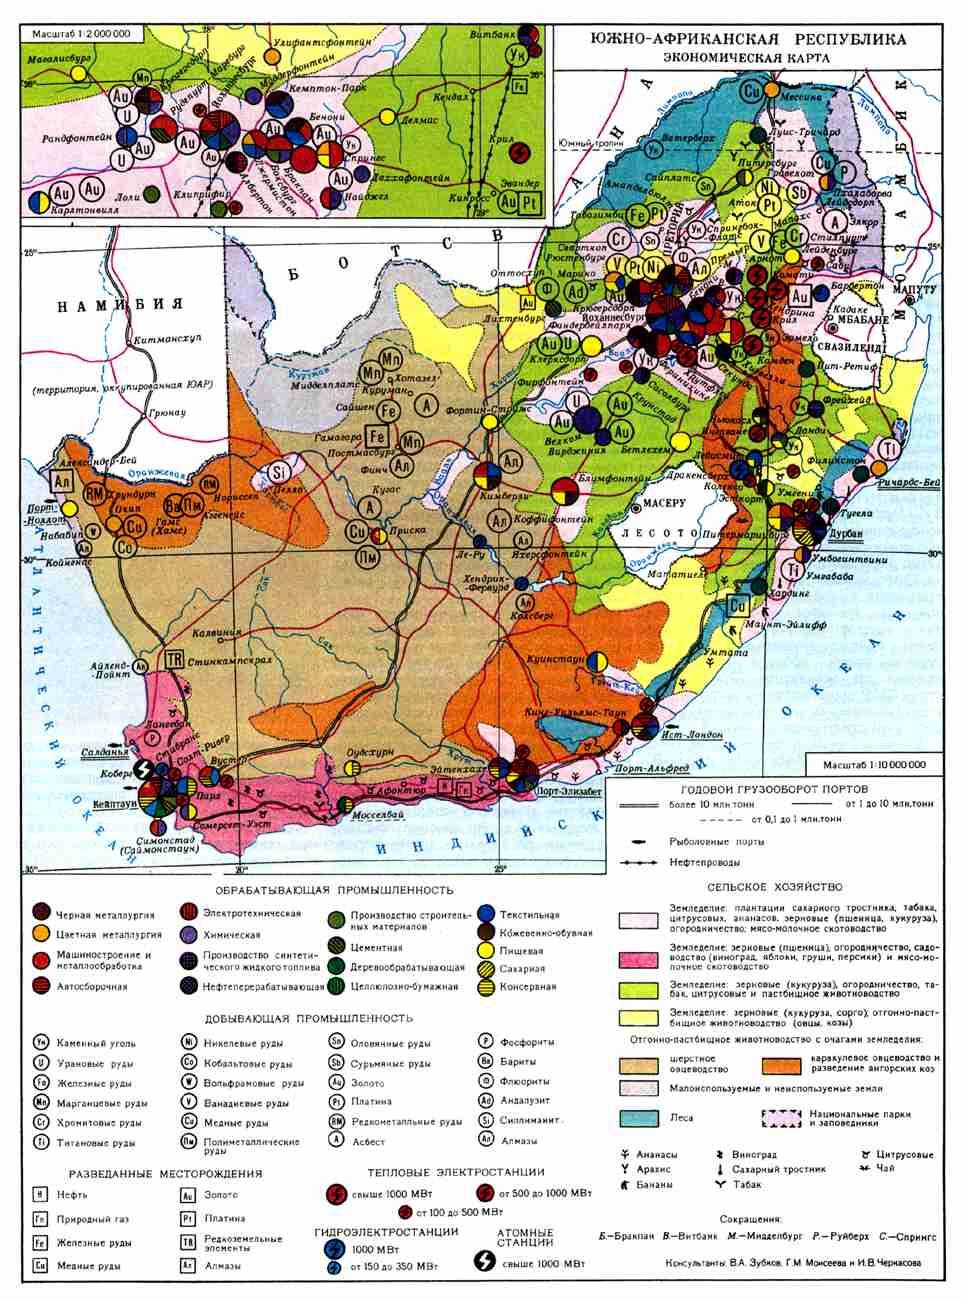 показать температуру в южно африканской республики на сегодня общеобразовательного учреждения